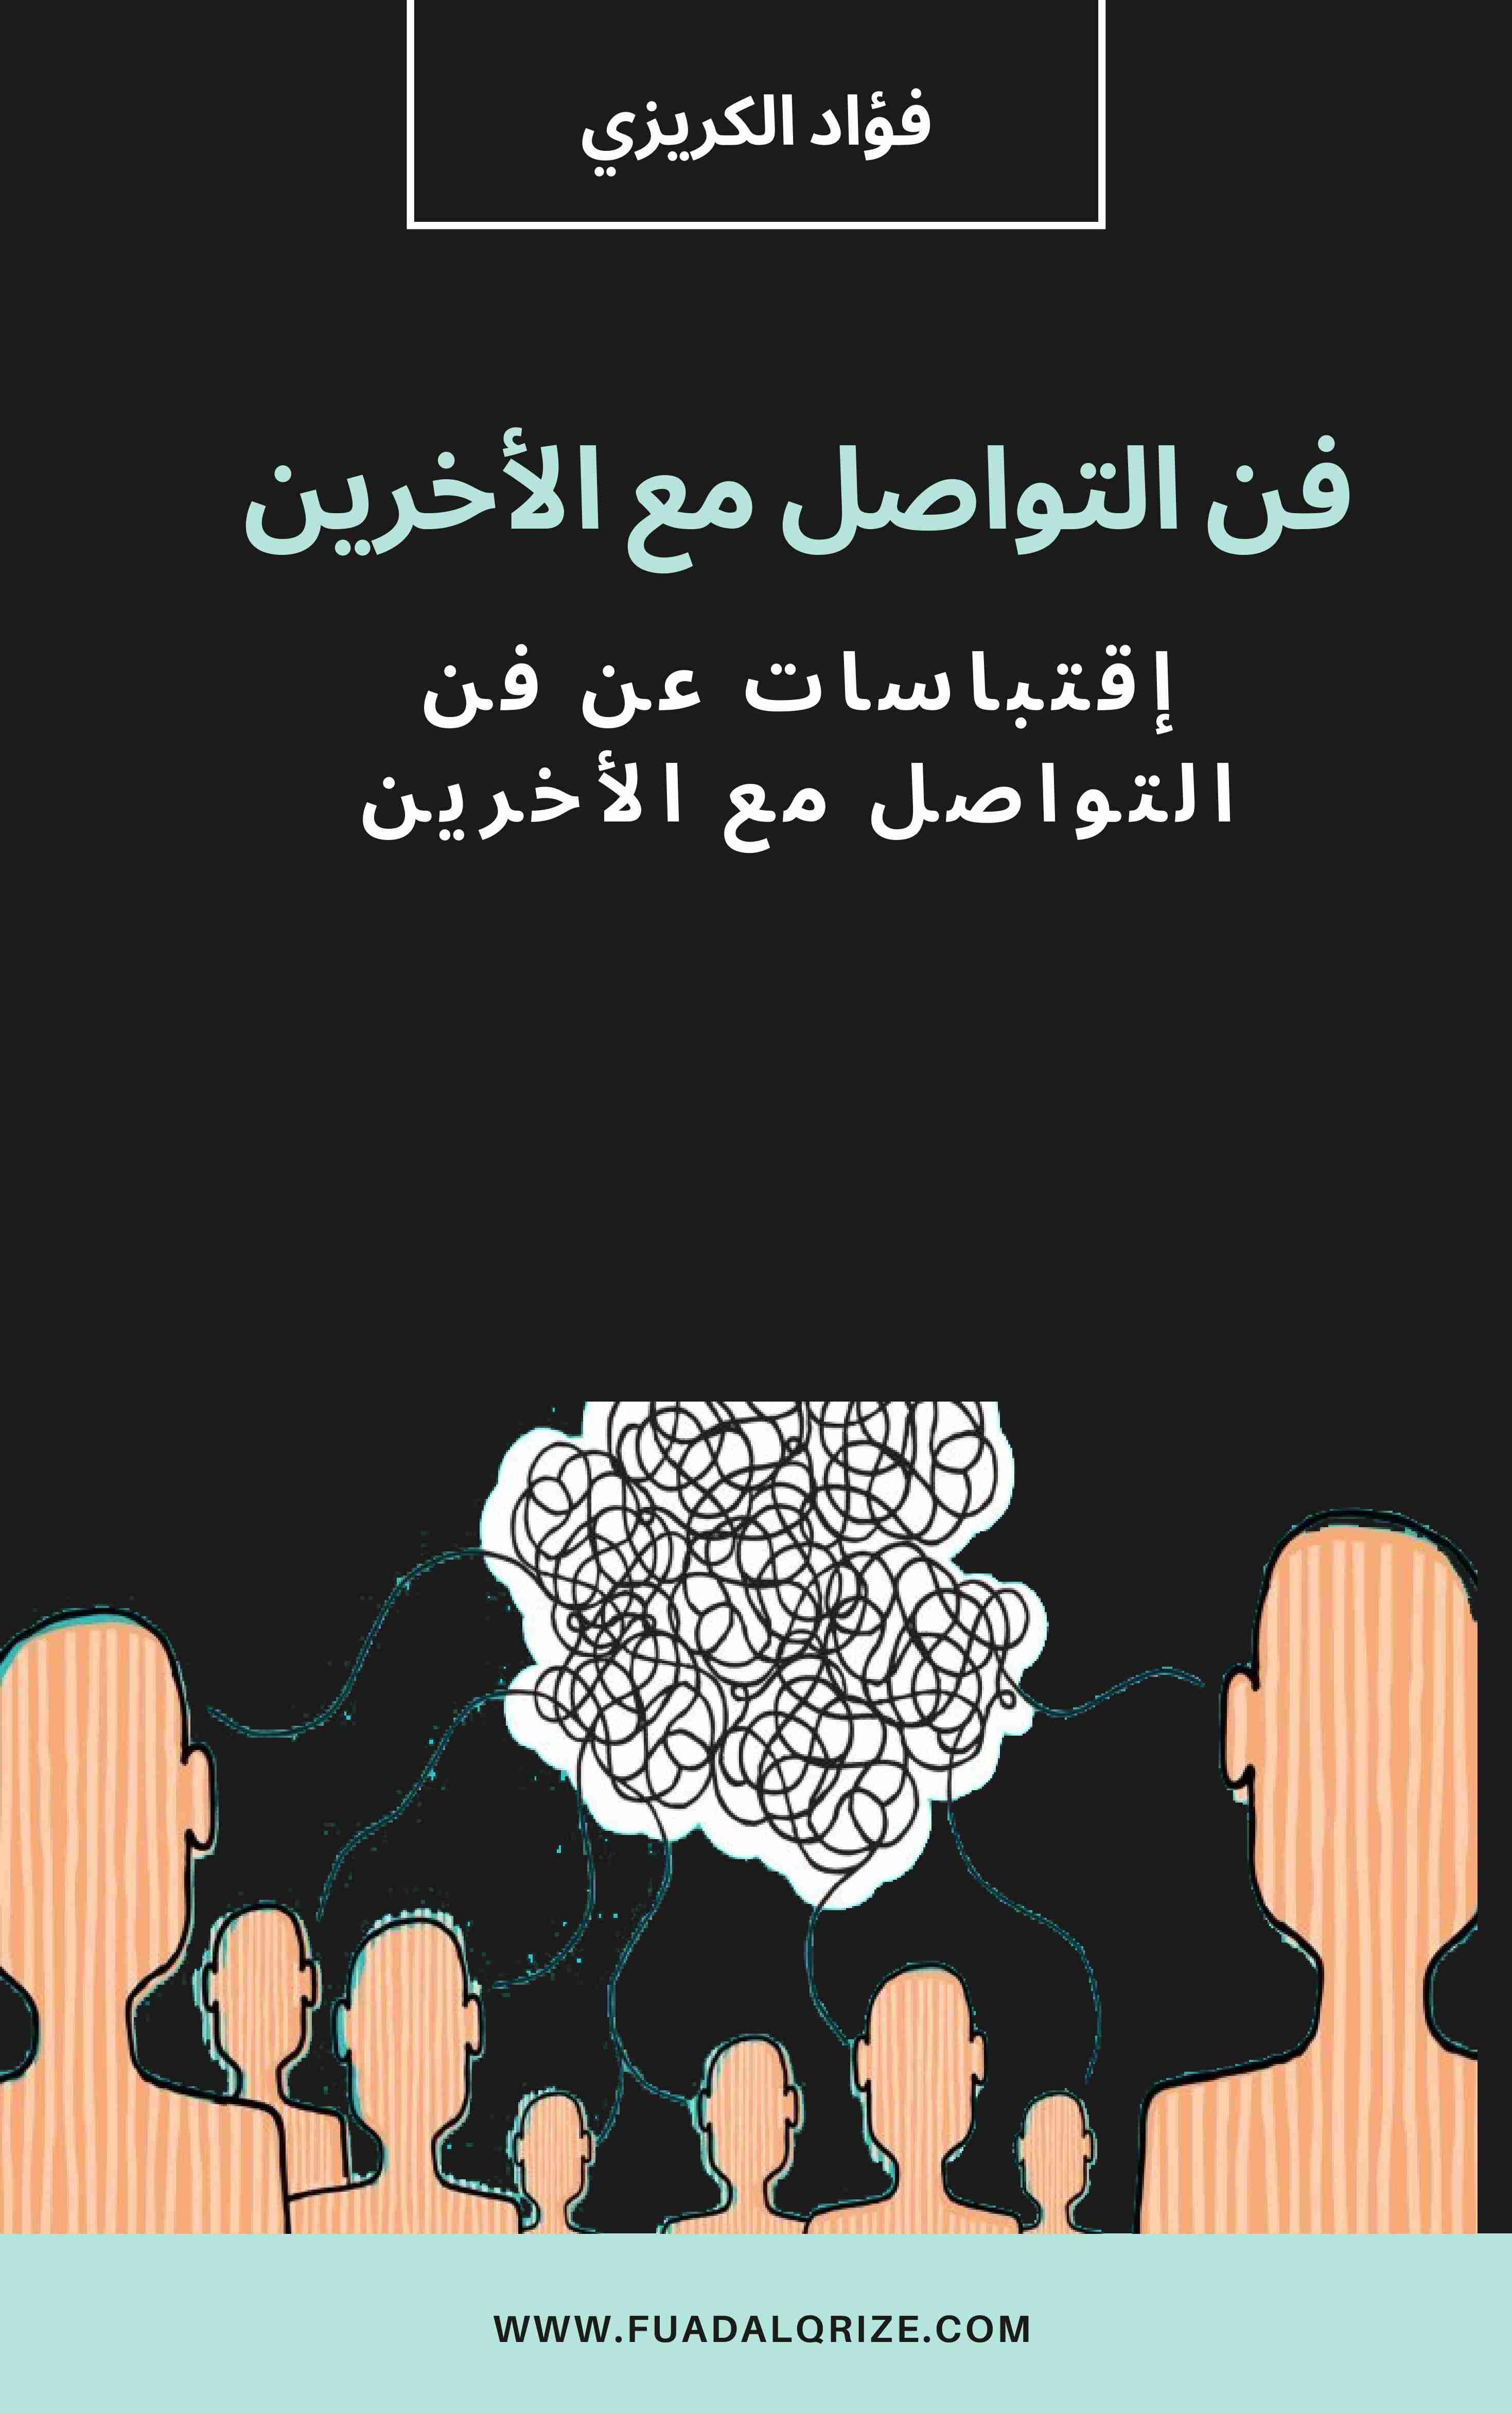 كتاب فن التواصل مع الأخرين لـ فؤاد الكريزي